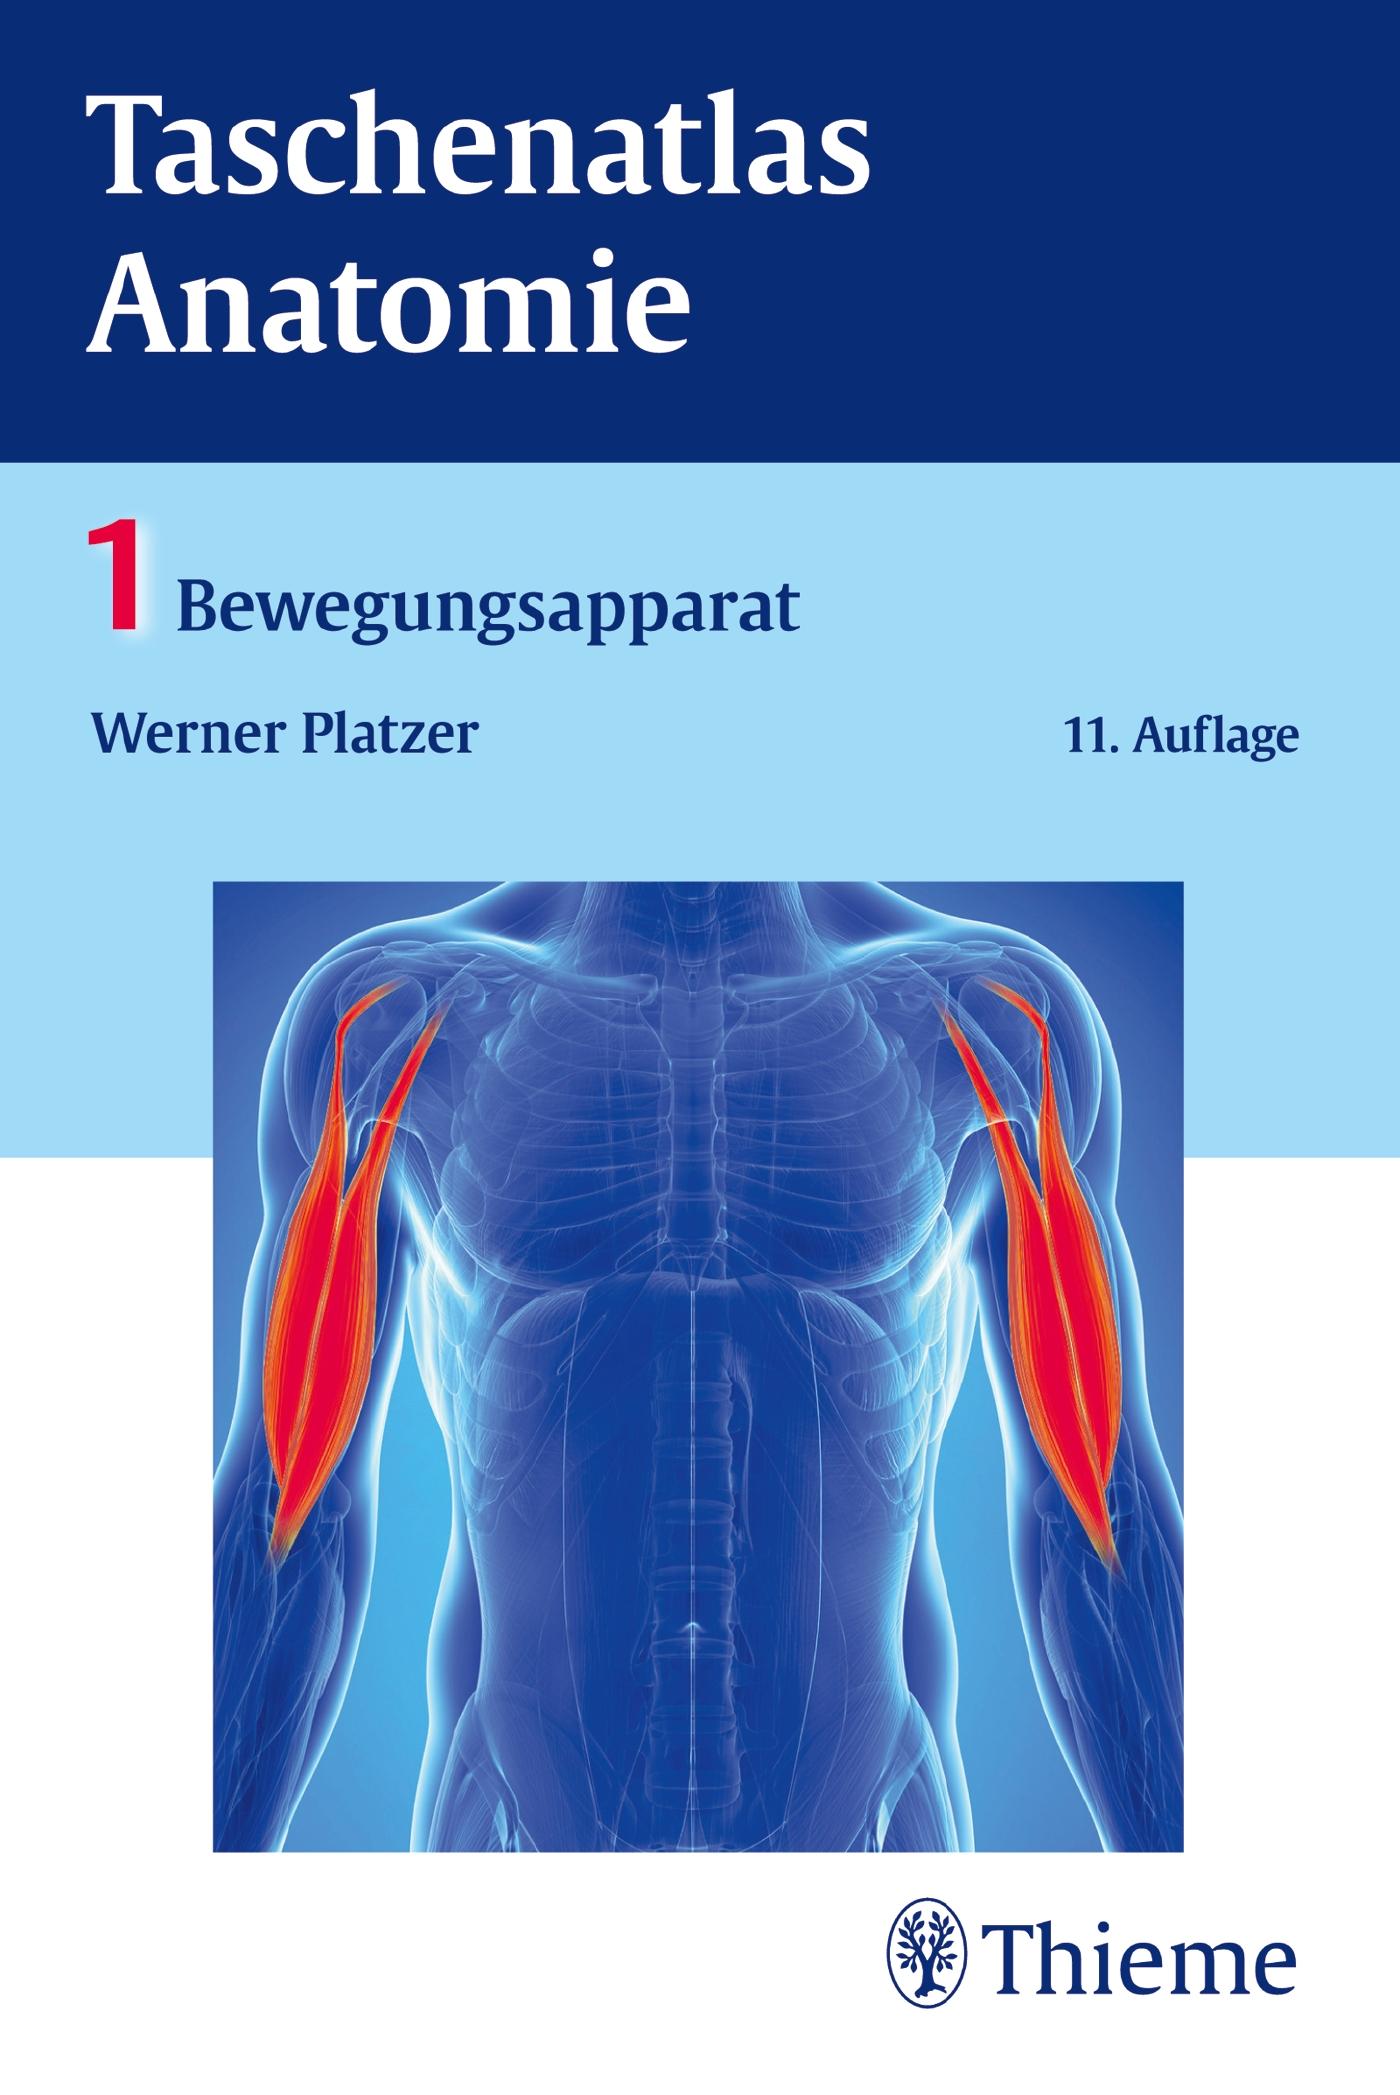 Taschenatlas Anatomie, Band 1: Bewegungsapparat von Platzer, Werner: